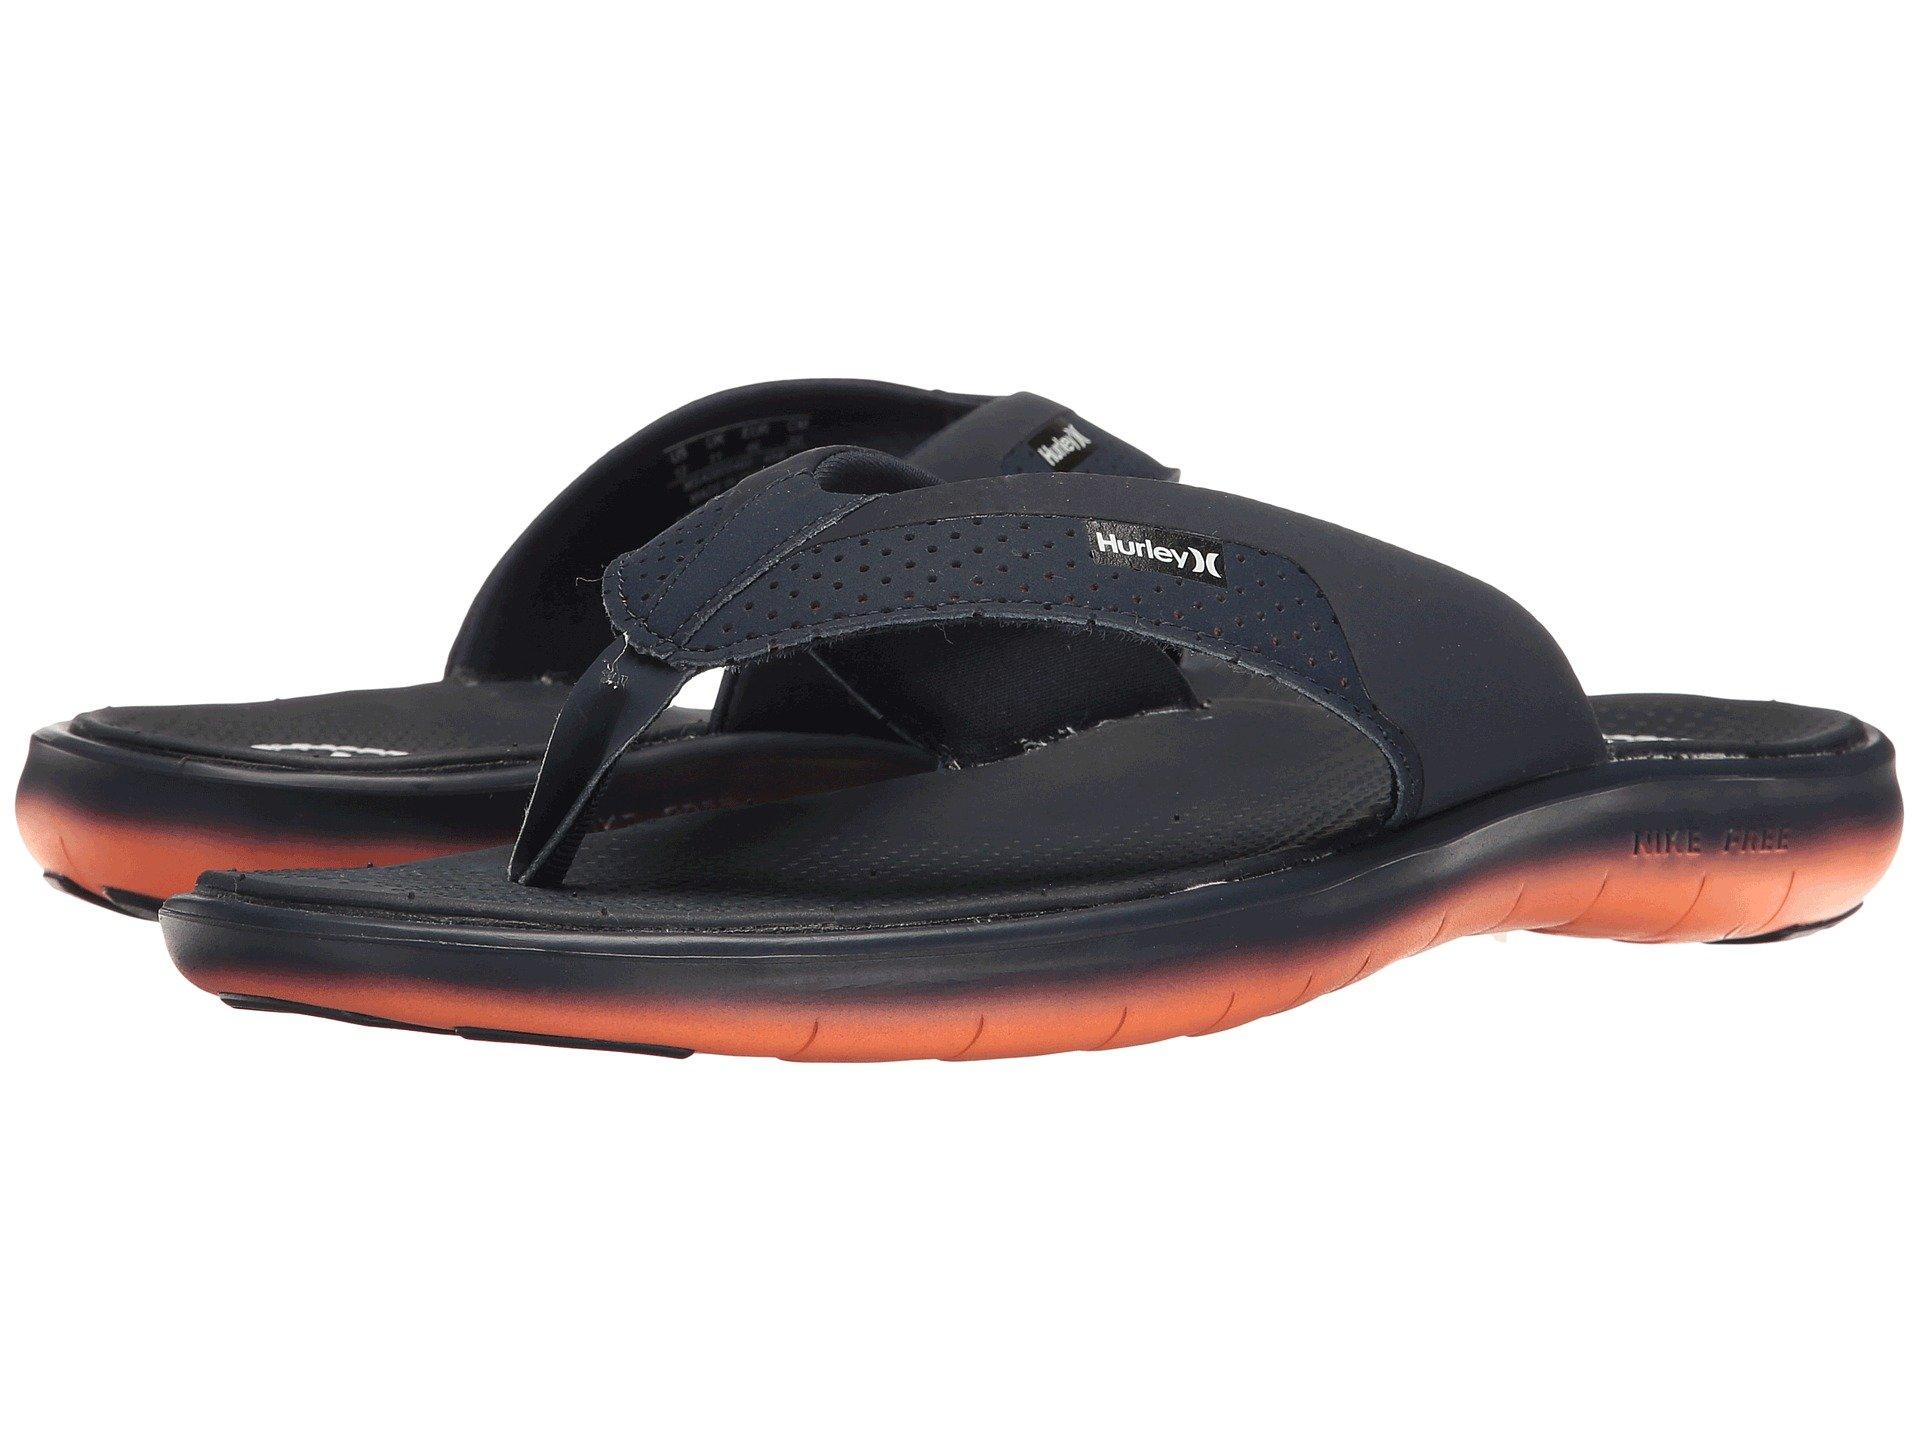 f10e71b9dd31e Hurley Phantom Free Motion Sandal  17 In Obsidian